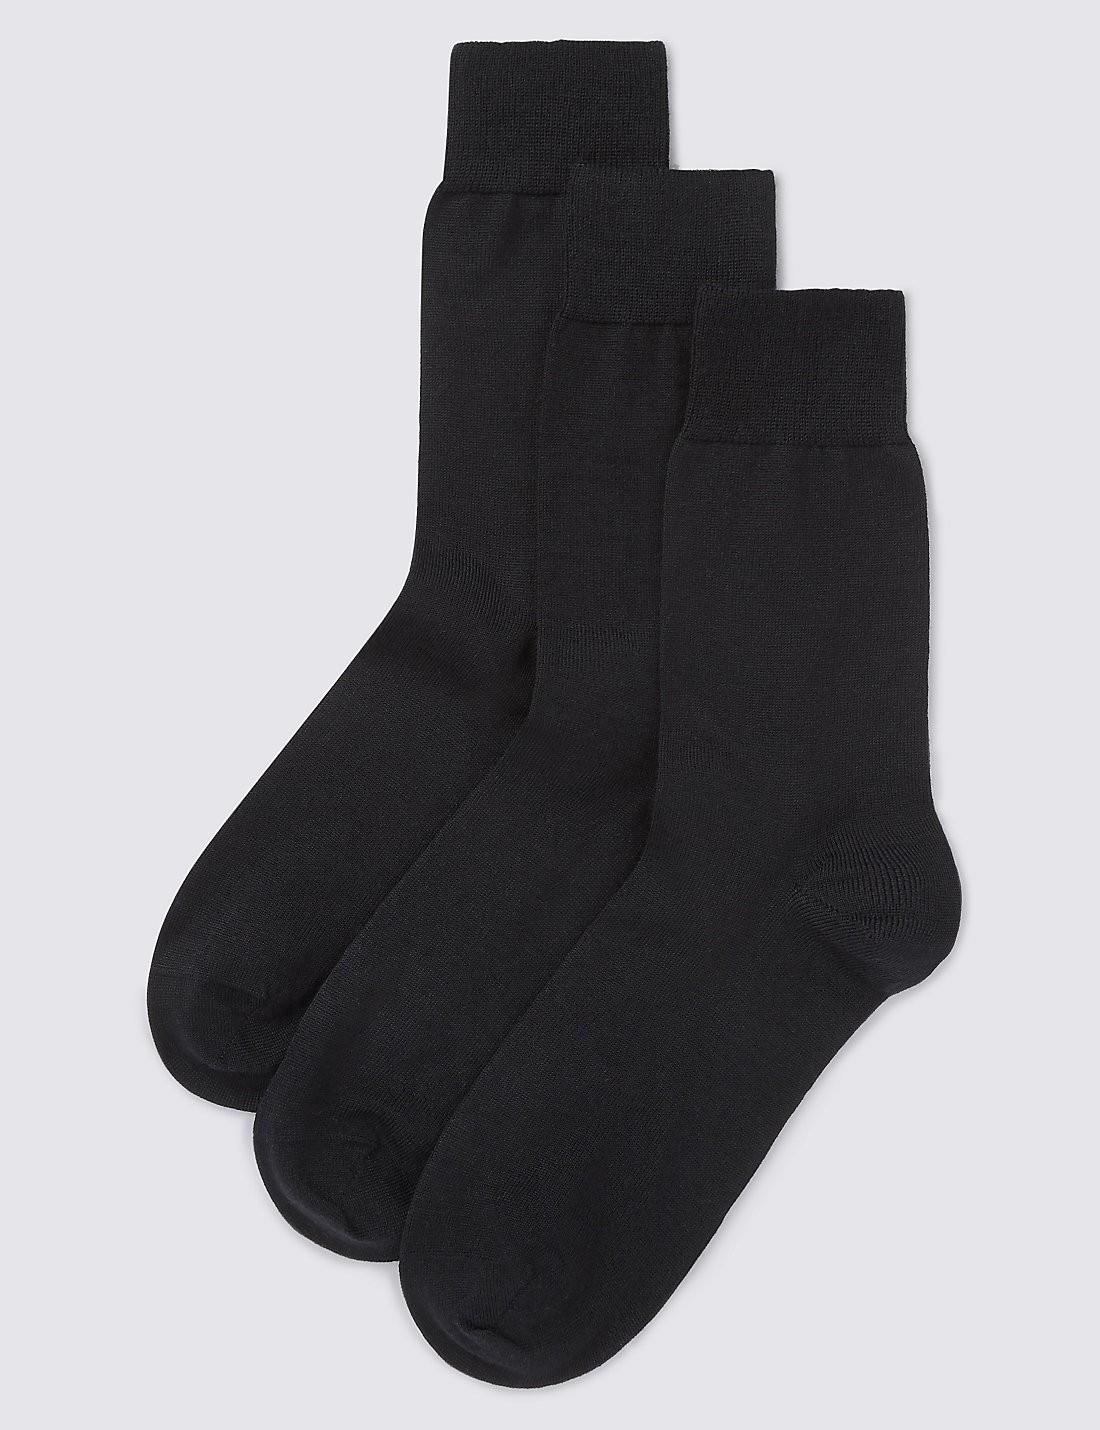 3'lü Merino Yün Karışımlı Çorap